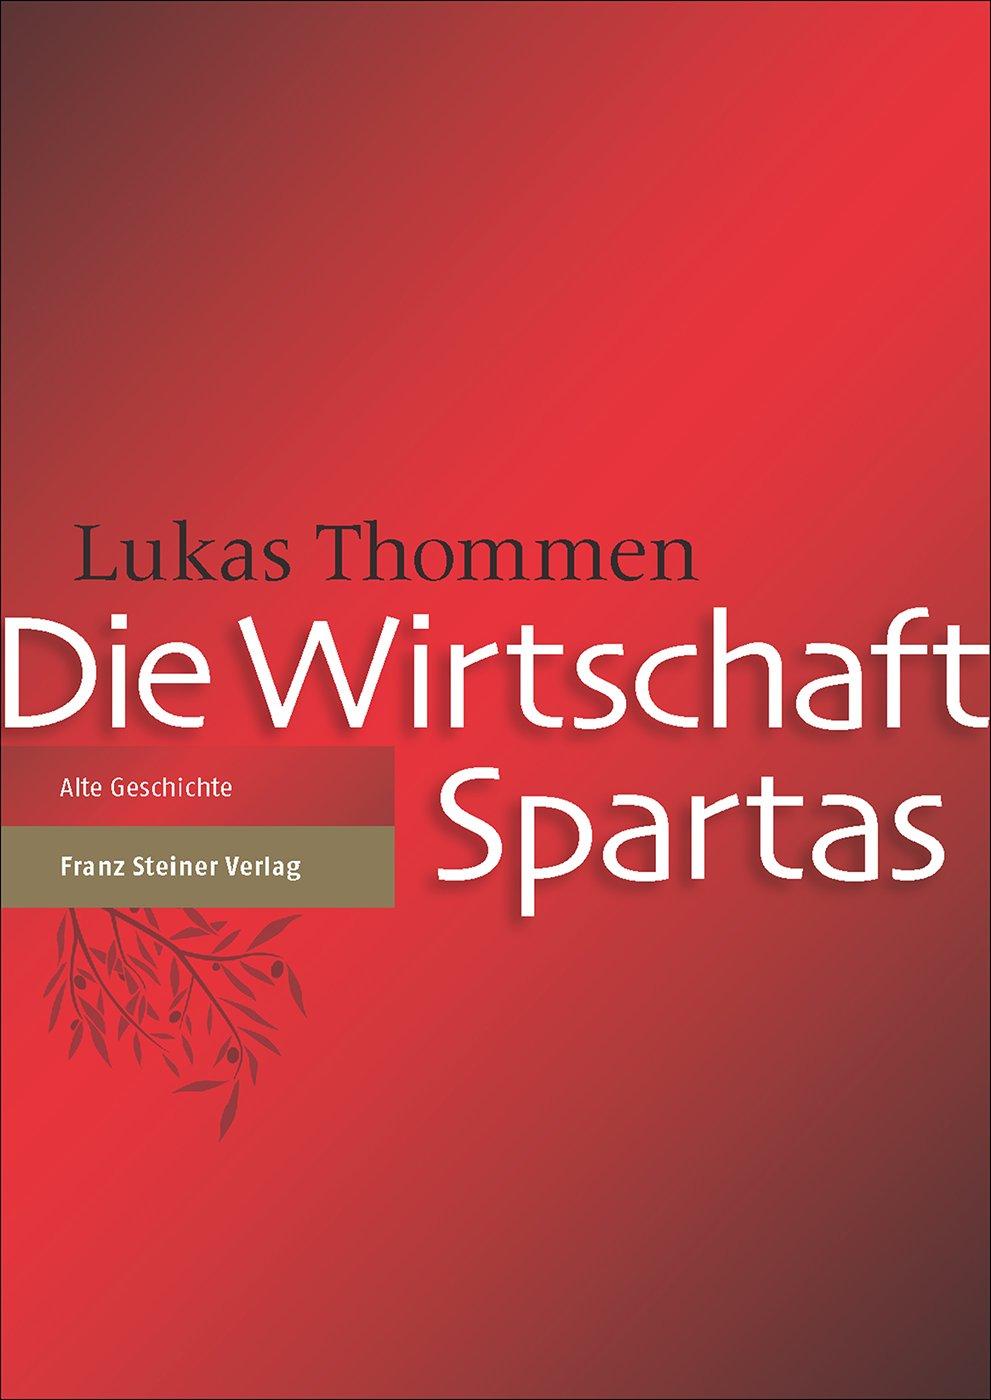 Die Wirtschaft Spartas, Lukas Thommen